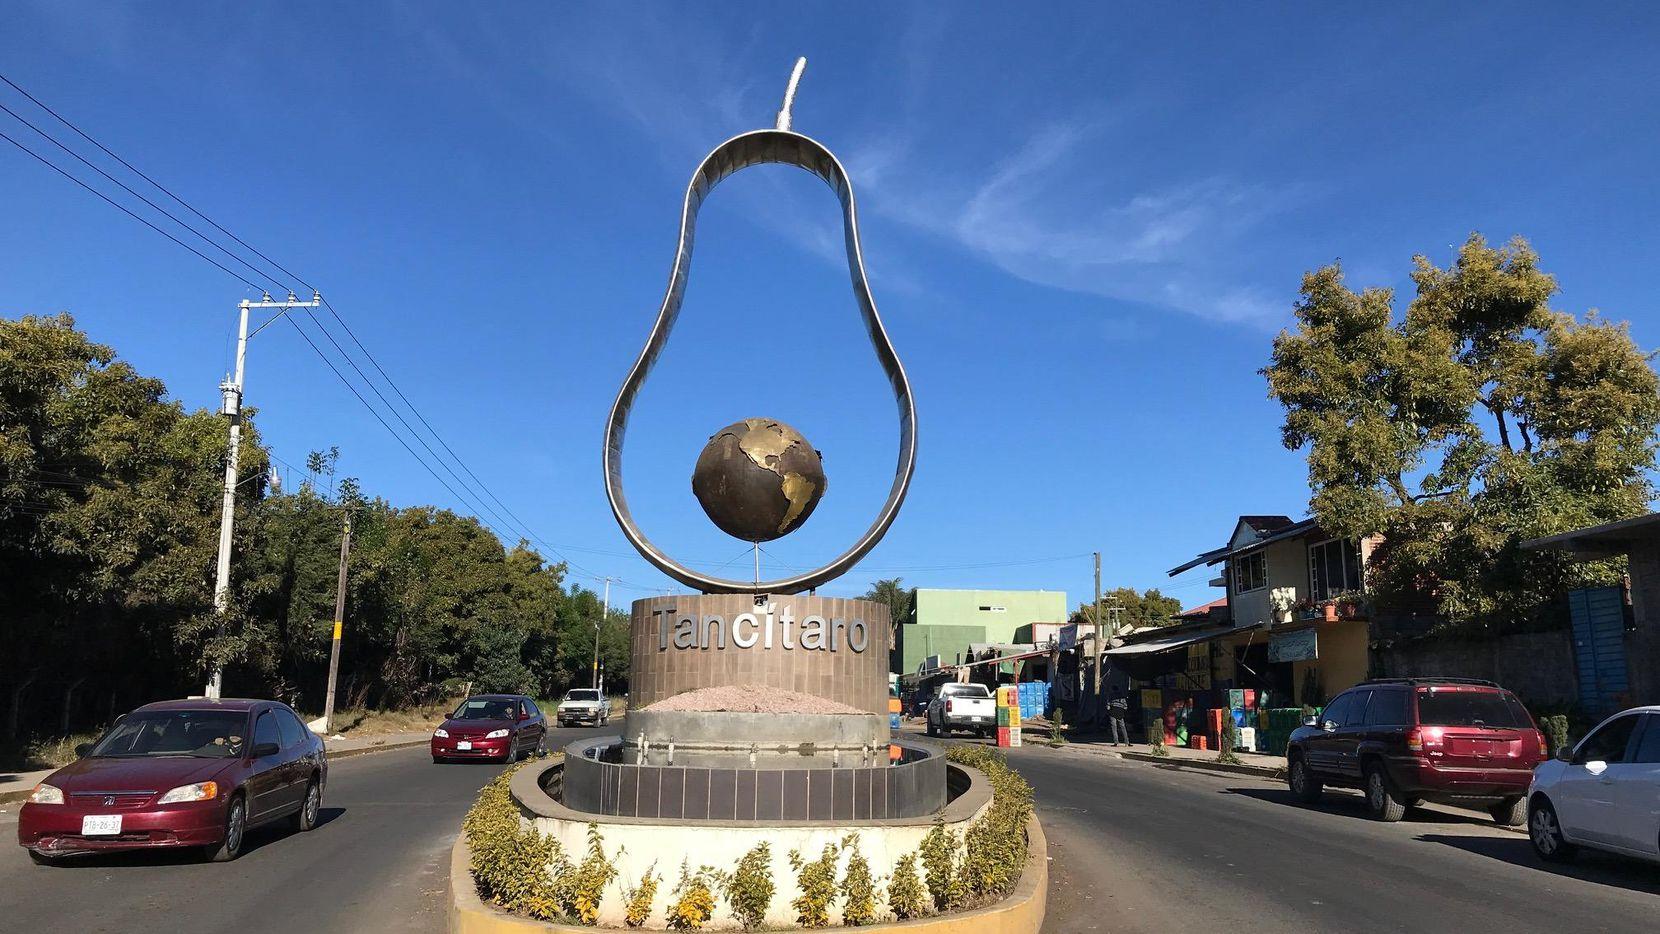 Una escultura de un aguacate adorna la entrada al pueblo de Tancítaro, Michoacán. (DMN/ALFREDO CORCHADO)